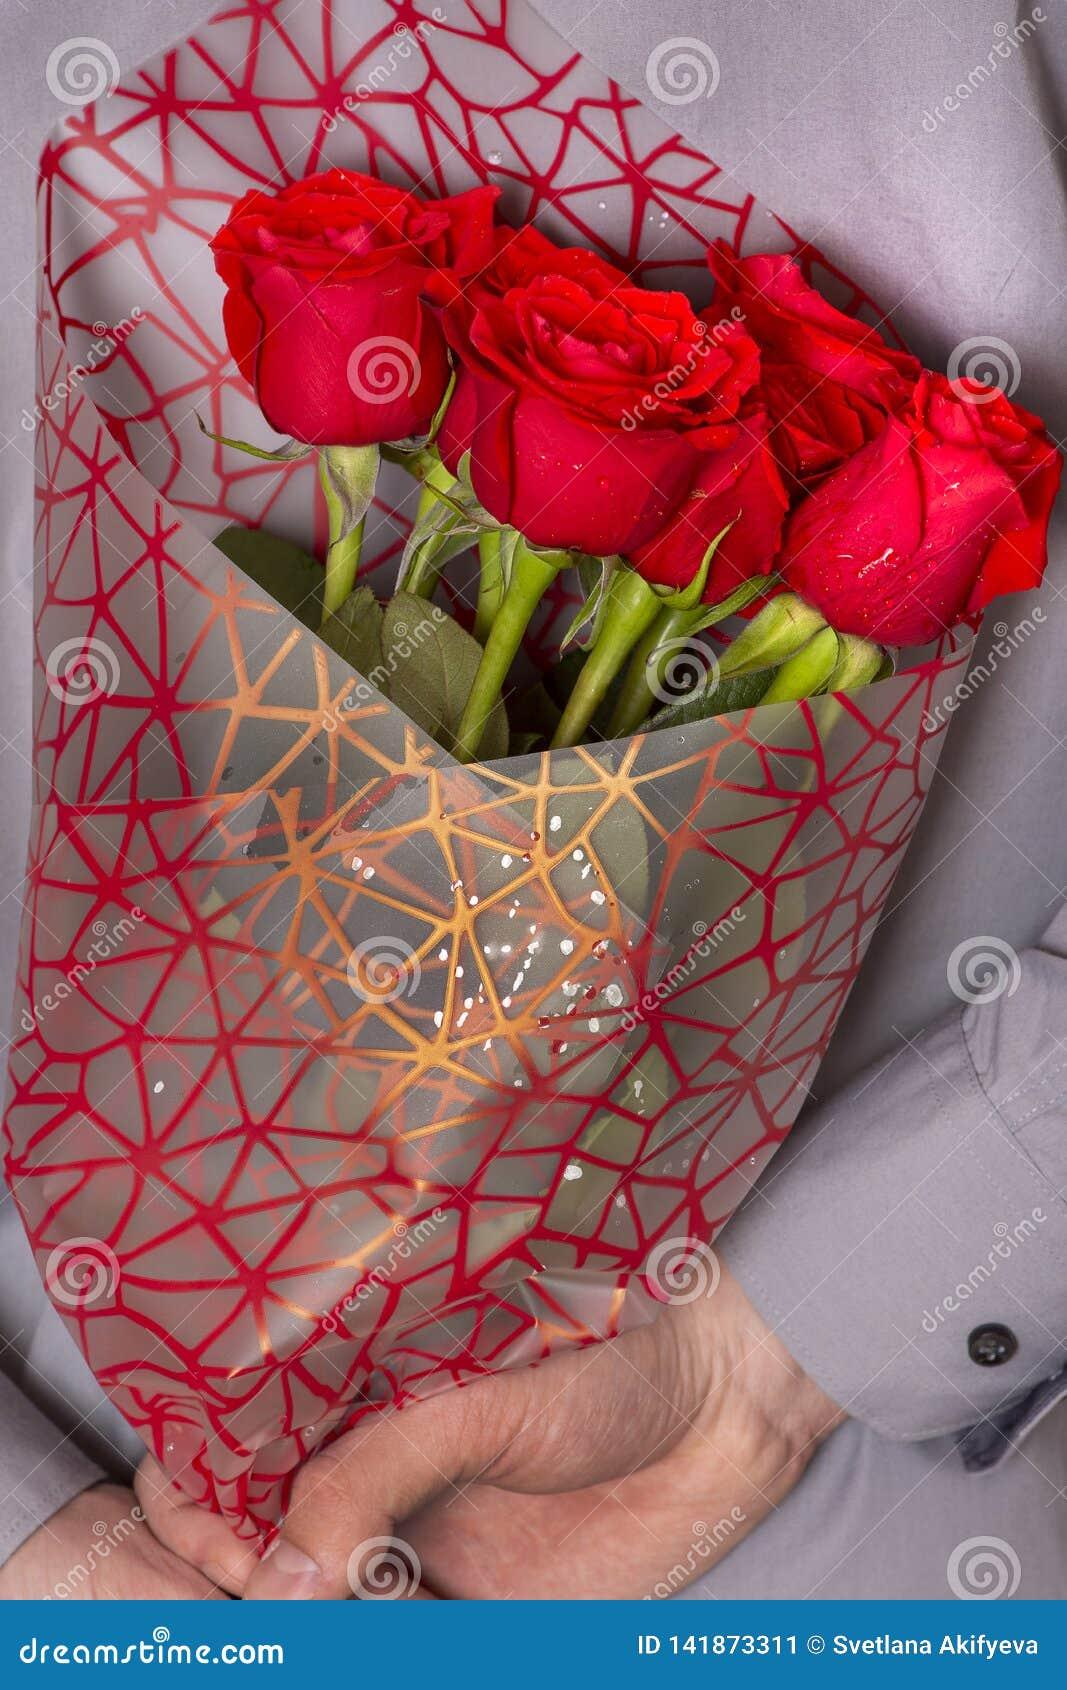 Ein Mann, der einen Blumenstrauß von roten Rosen hält